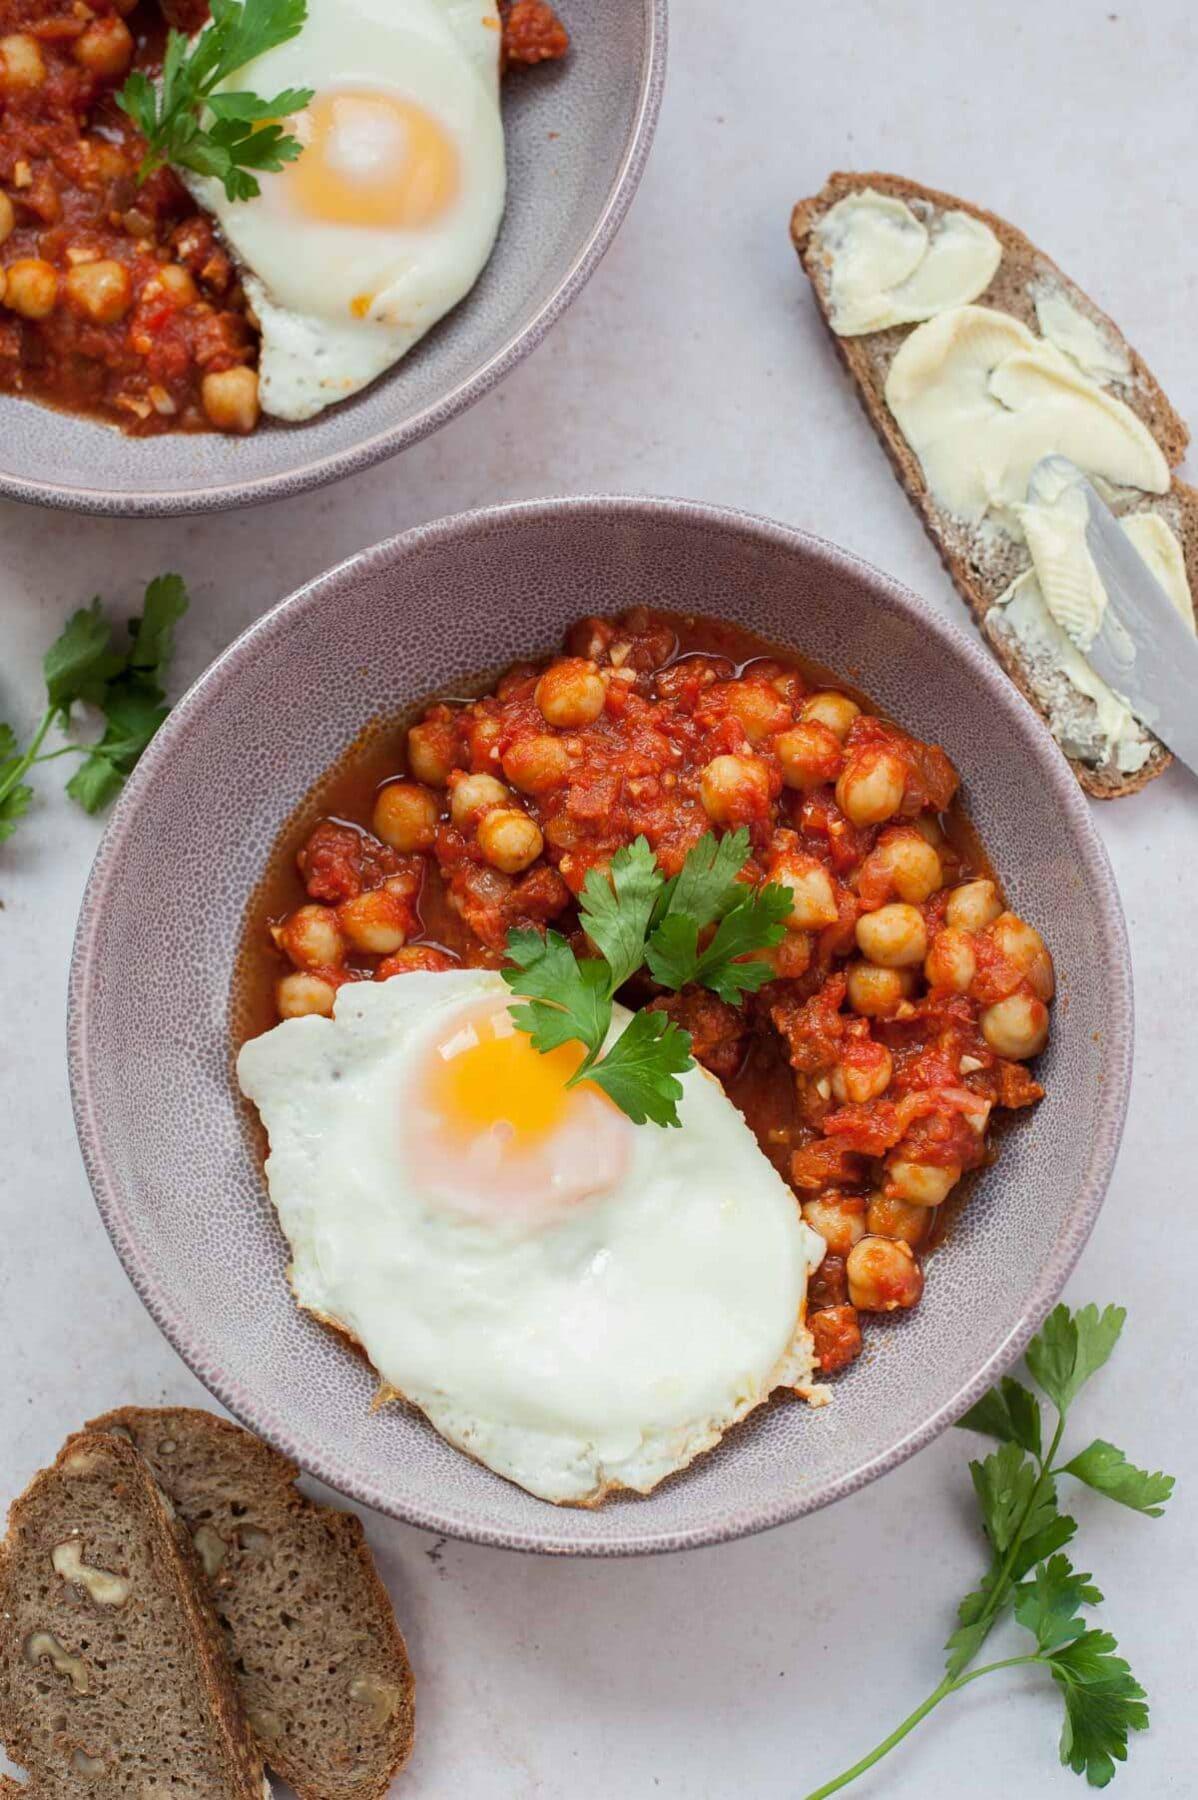 Ciecierzyca z chorizo w sosie pomidorowym z jajkiem sadzonym i pietruszką w fioletowym talerzu.